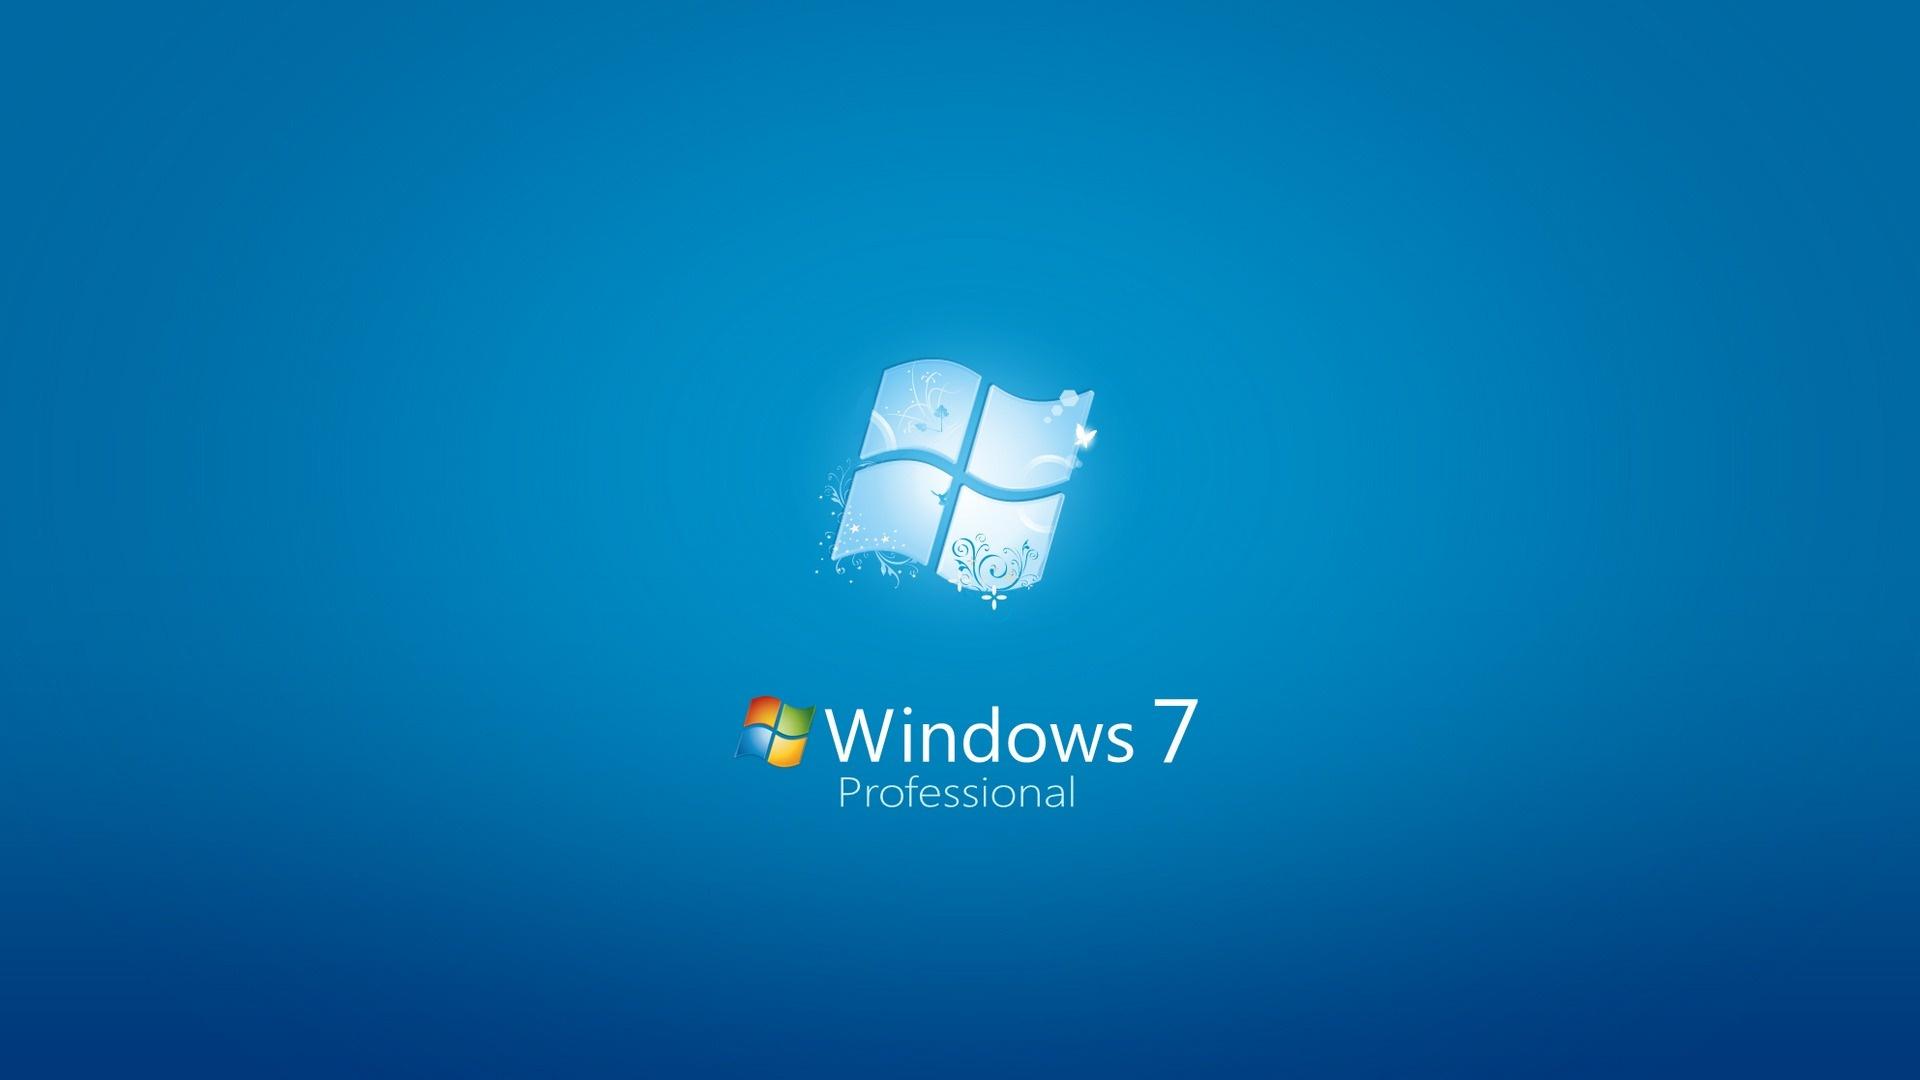 High Resolution Wallpaper | Windows 7 1920x1080 px